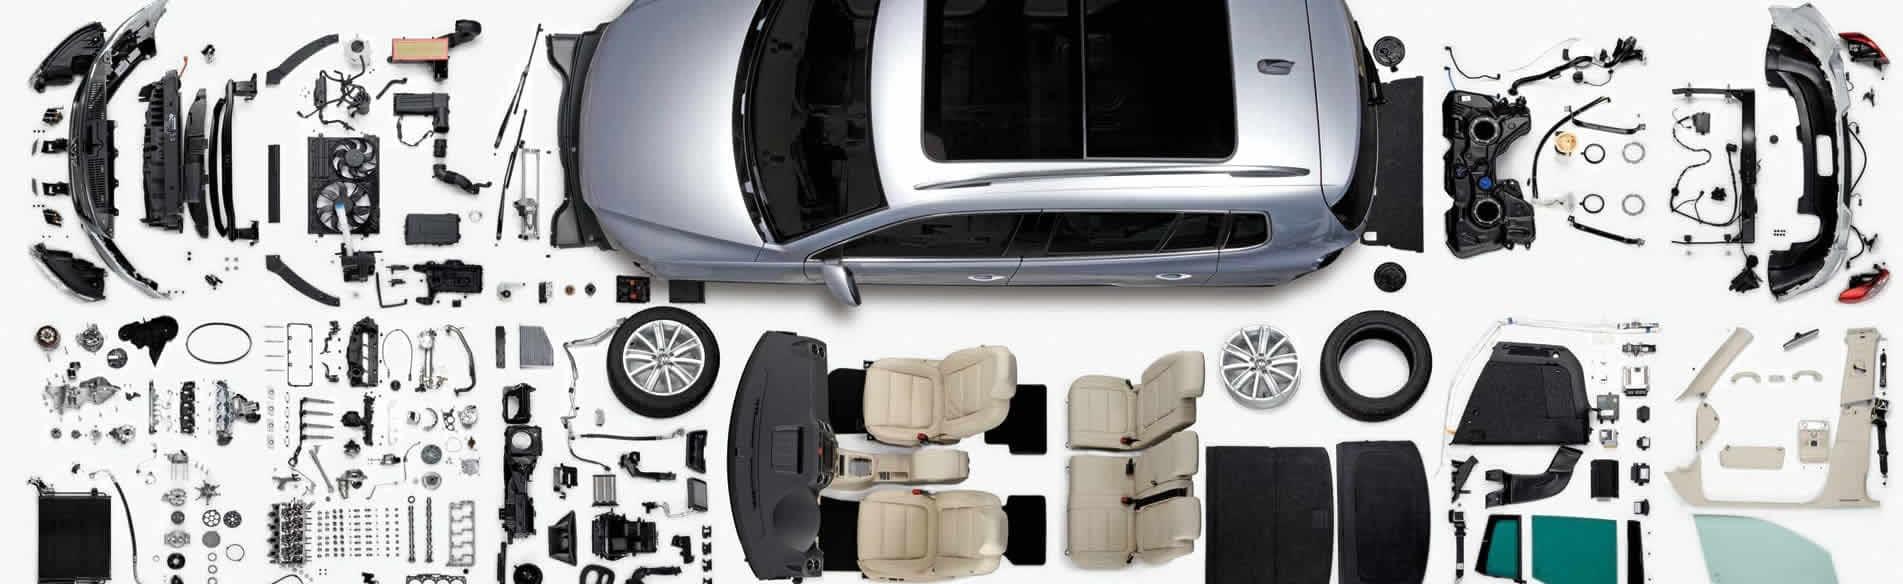 Renault Yedek Parça Satın Alırken Nelere Dikkat Etmeli?